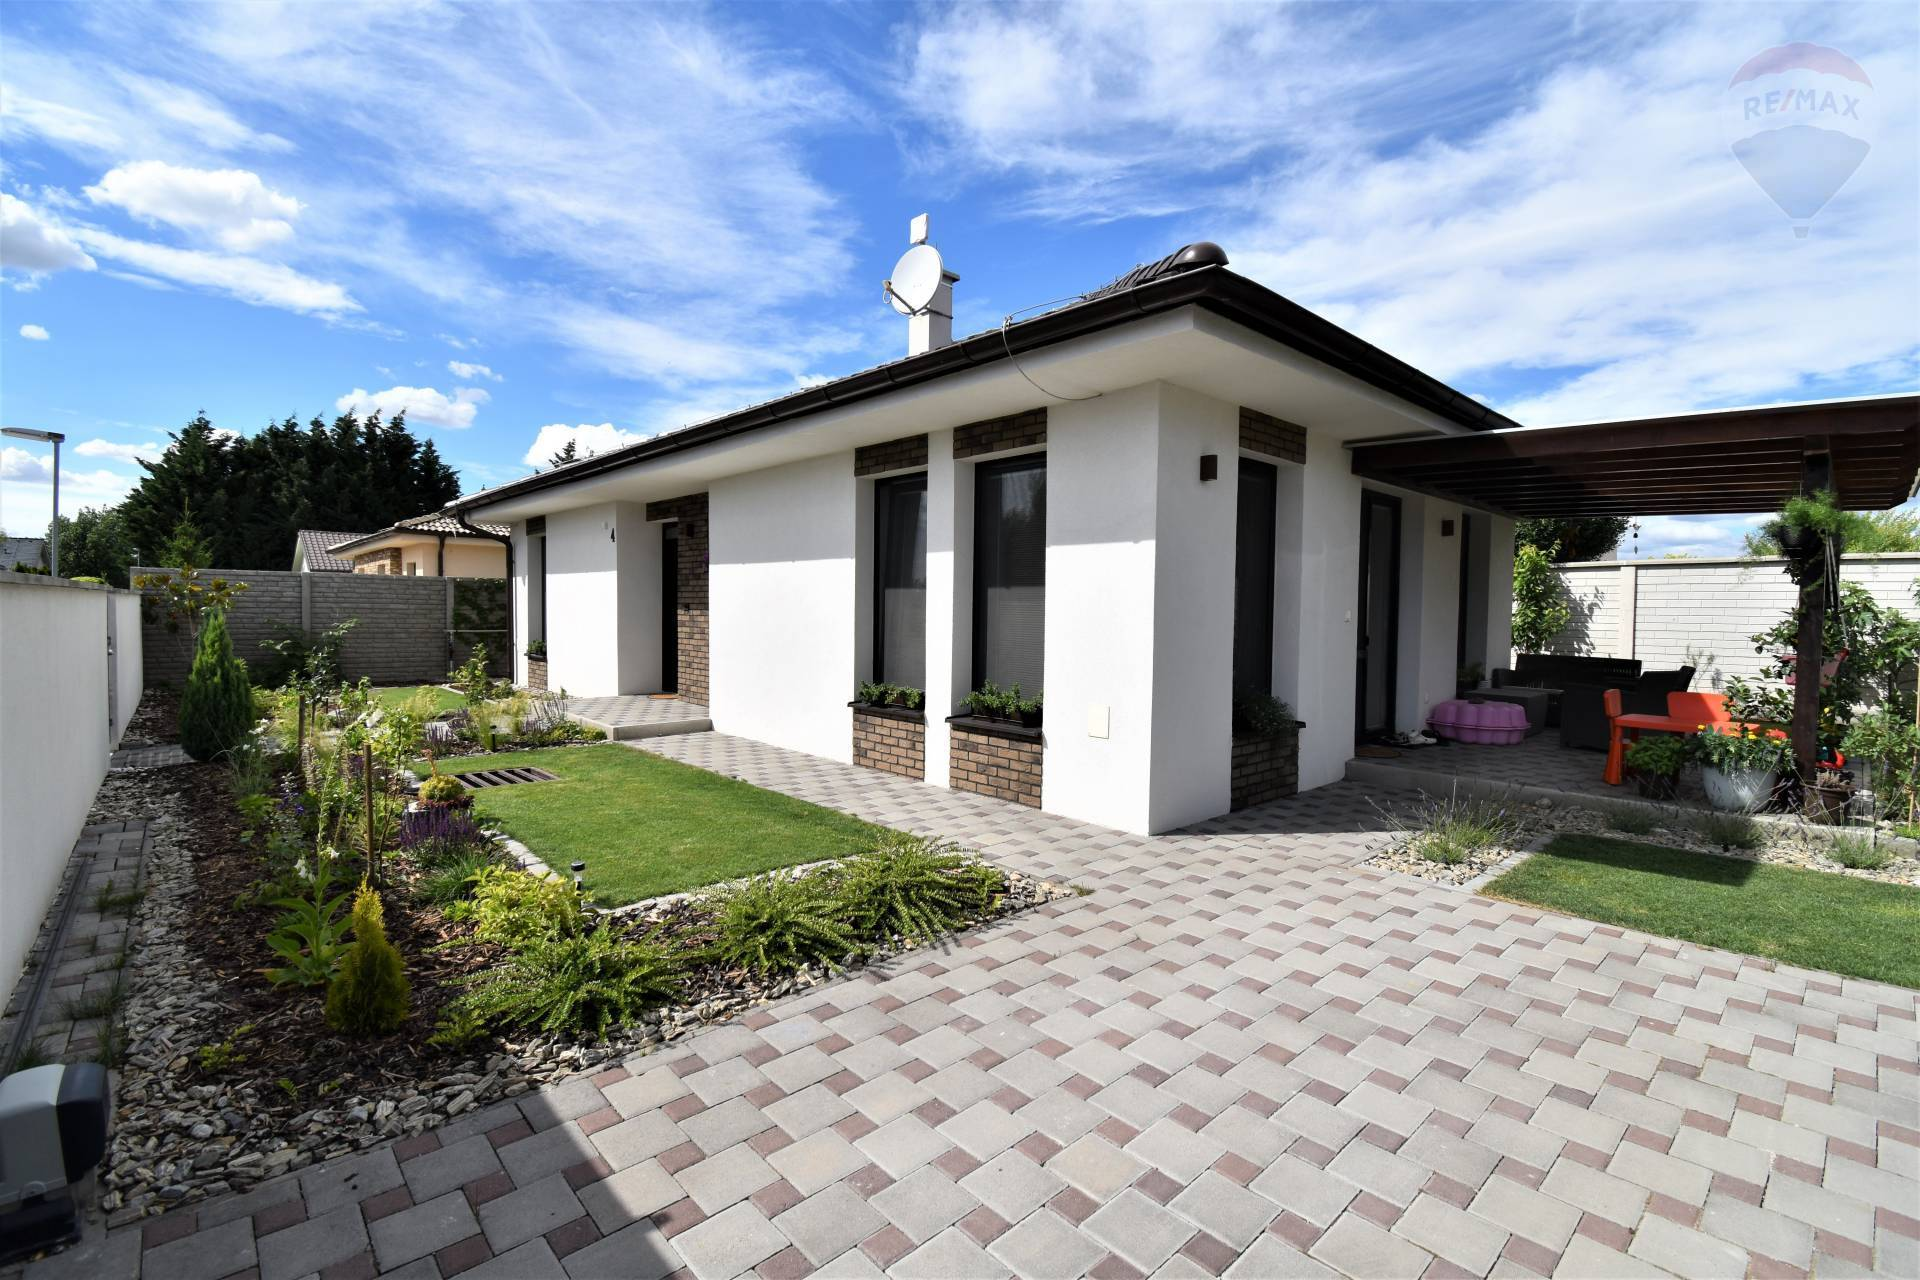 REZERVÁCIA! Predaj 3 izbového rodinného domu, Dunajská Streda, novostavba, pozemok 380 m2